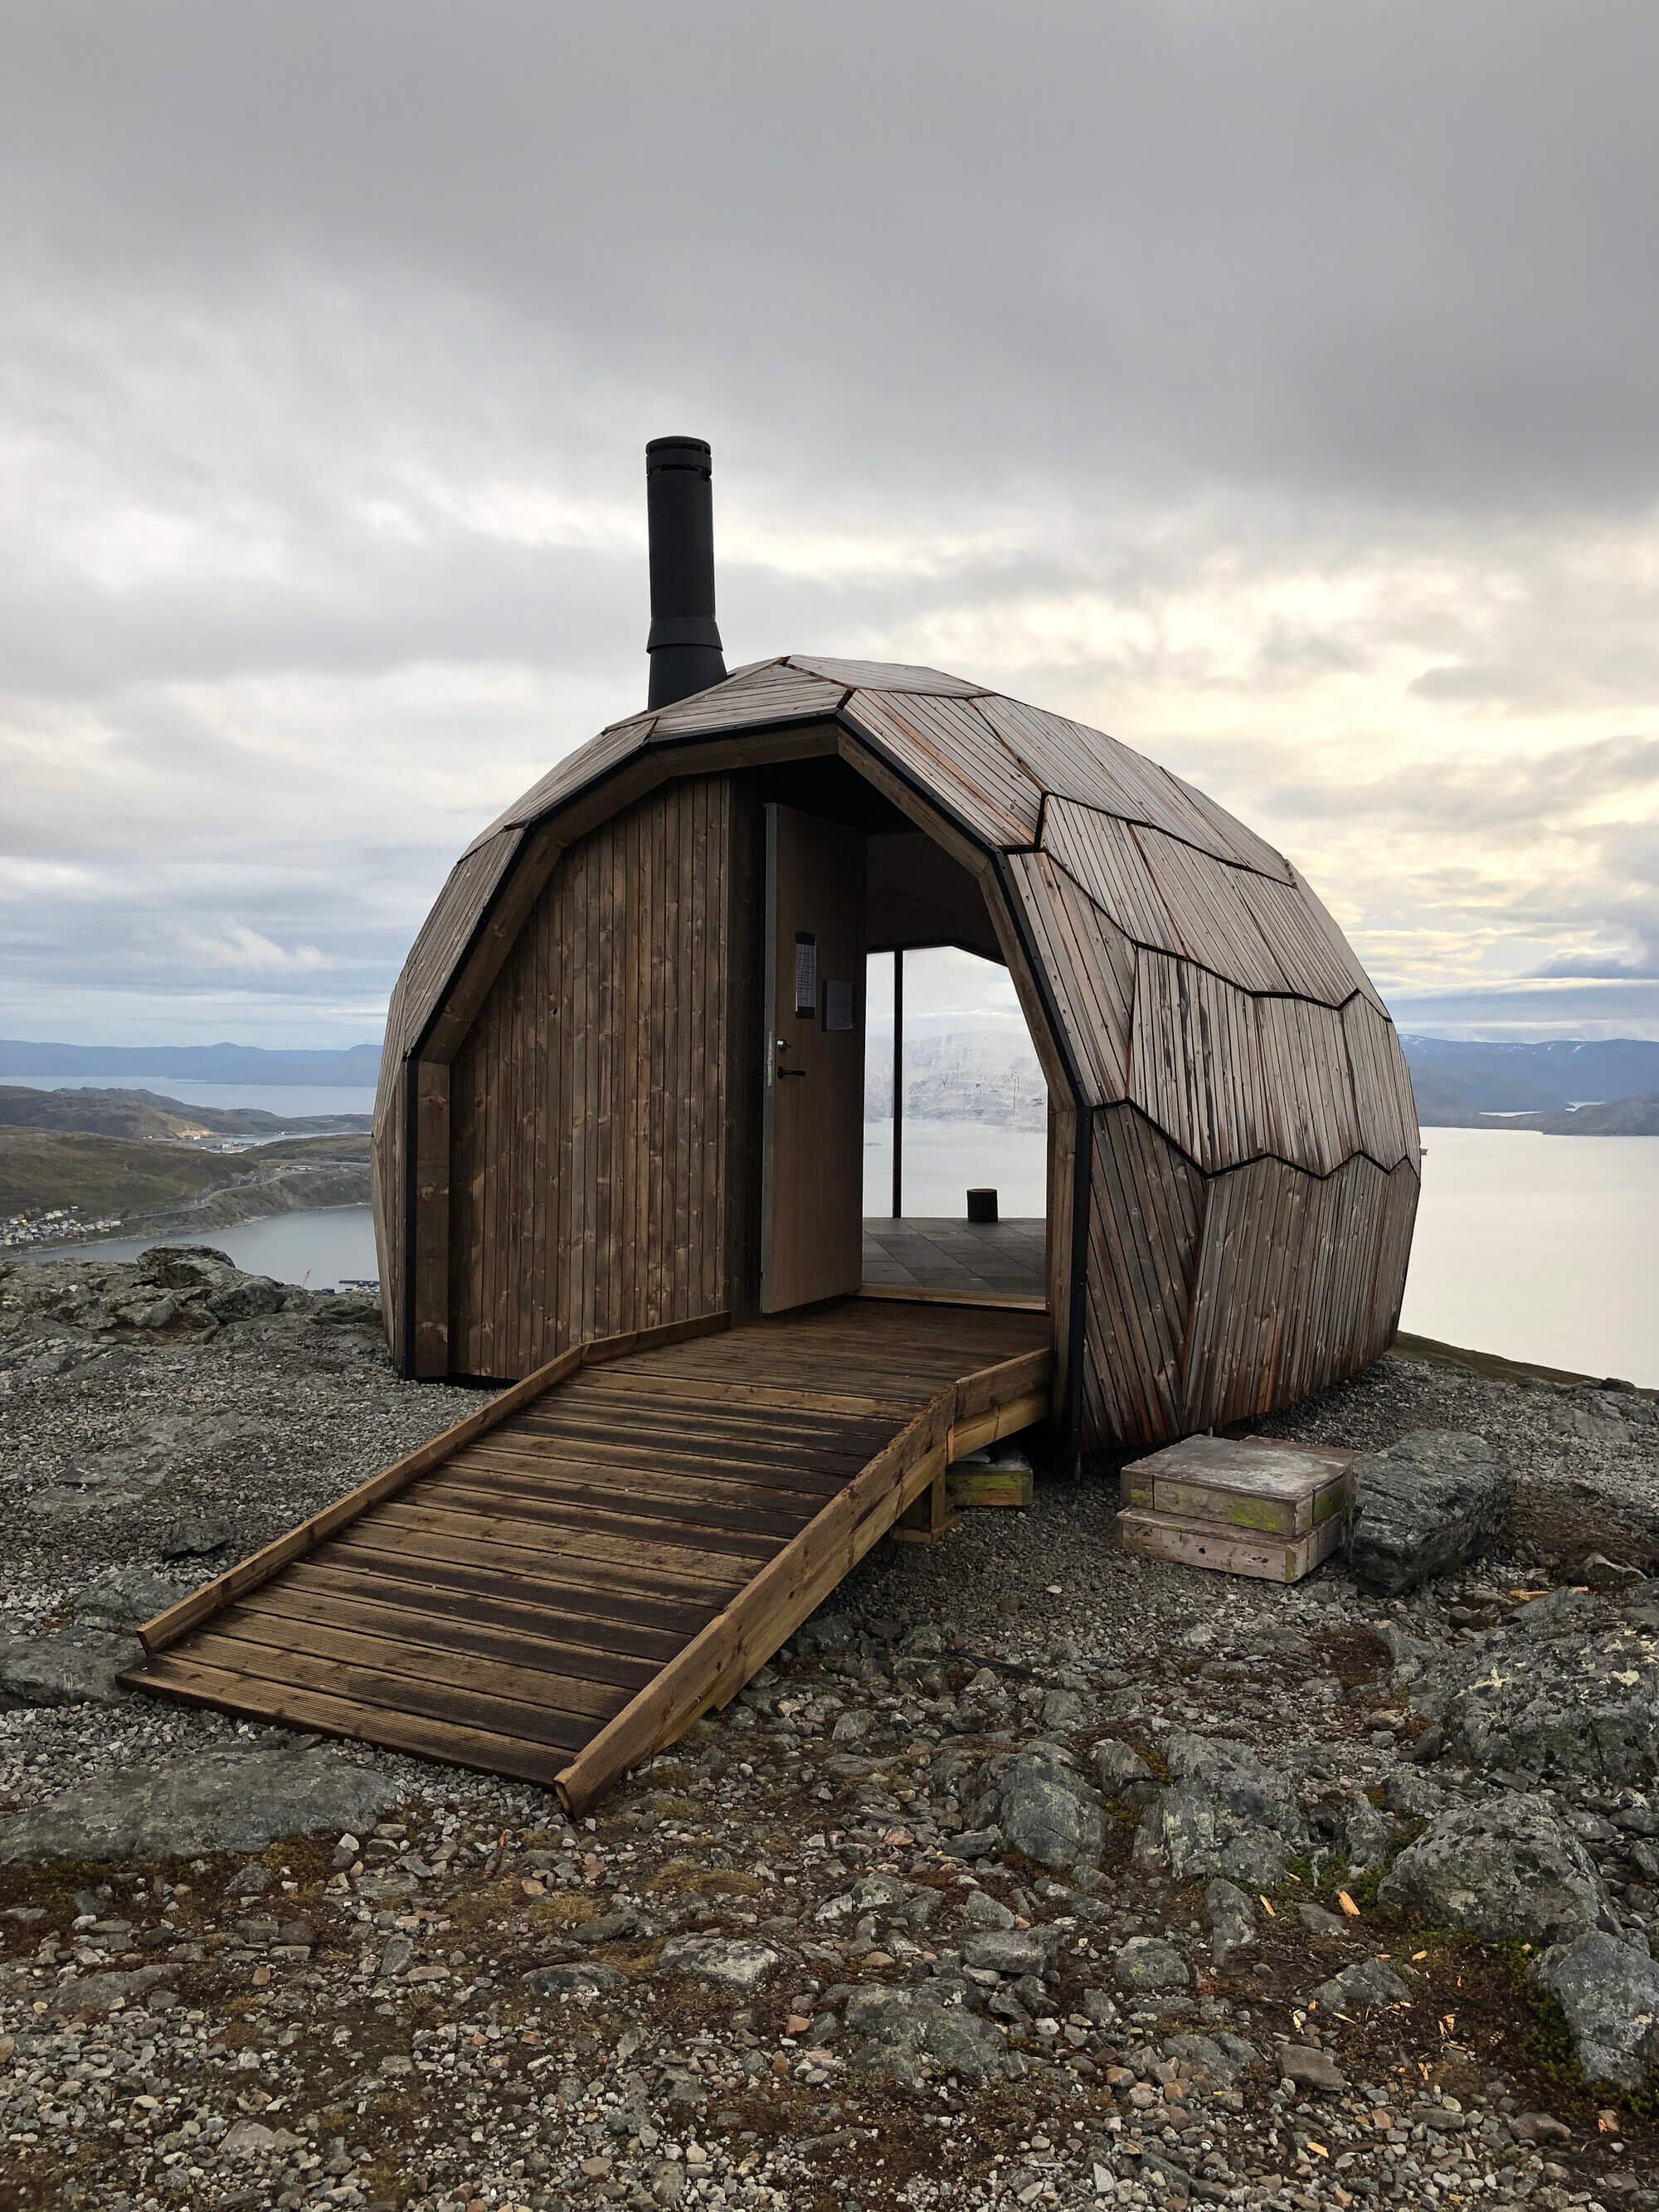 Hammerfest-Hiking-Cabins-SPINN-Arkitekter-Norway-18